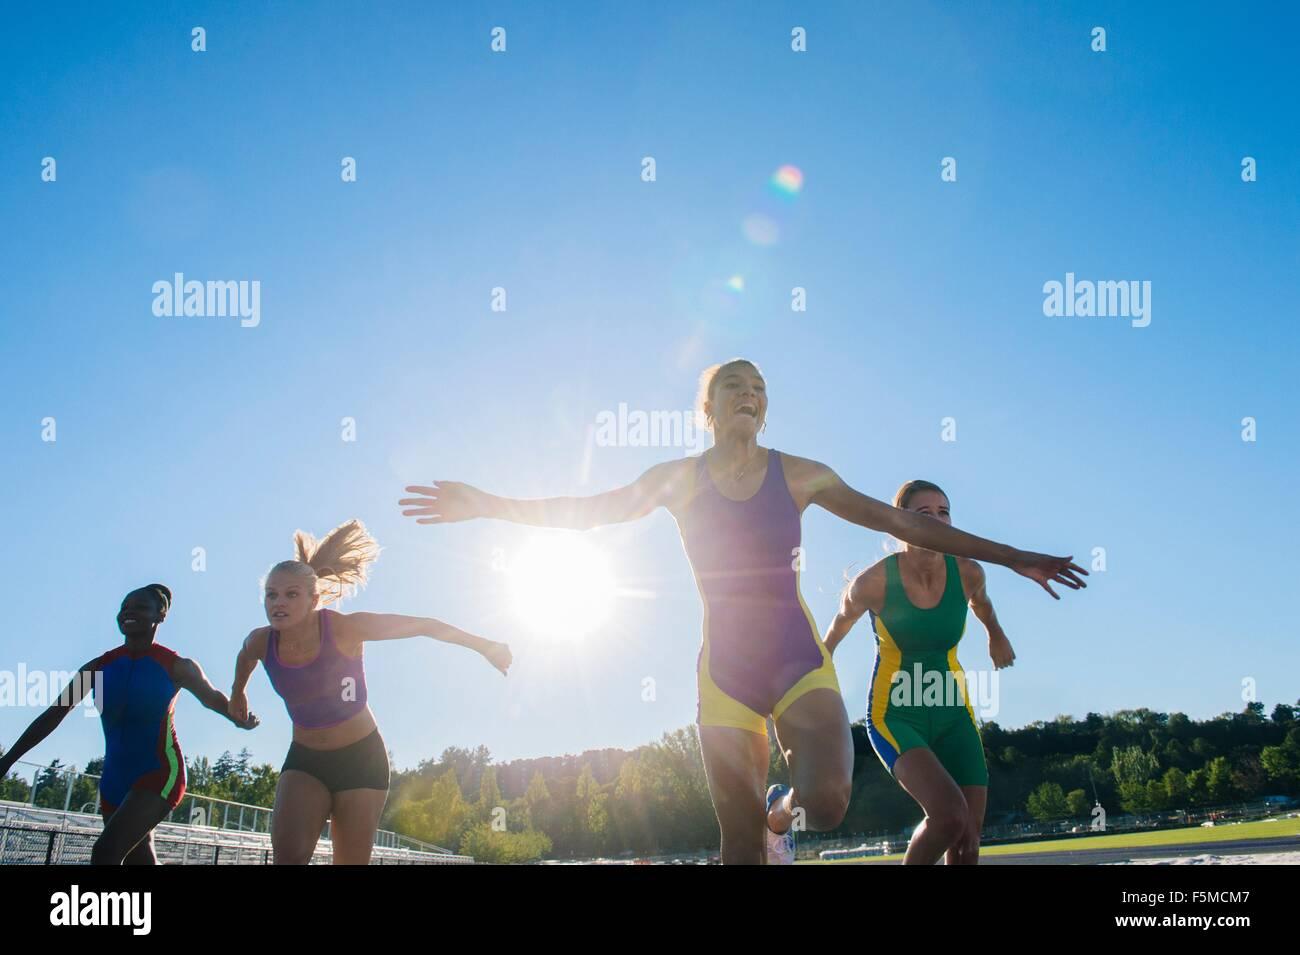 Quatre femmes athlètes sur piste d'athlétisme, de venir à bout de la race Photo Stock